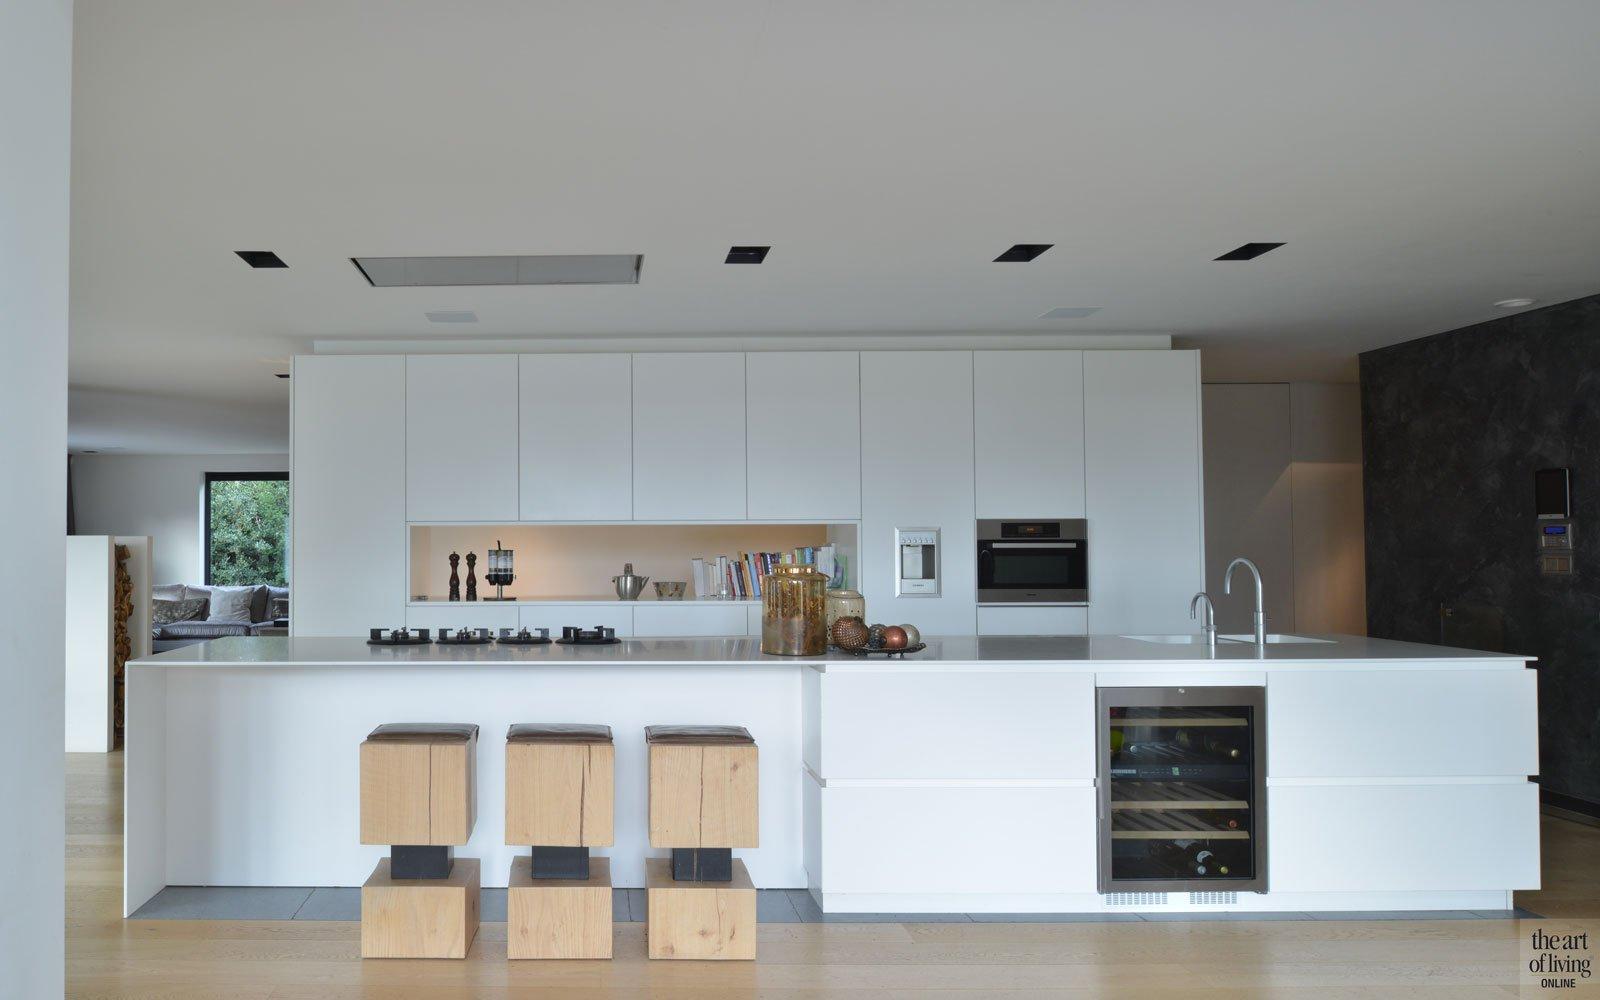 Moderne villa, VVR Architecten, the art of living, keuken, kitchen, keukens, design keuken, design, luxueuze keuken, woonkeuken, exclusief